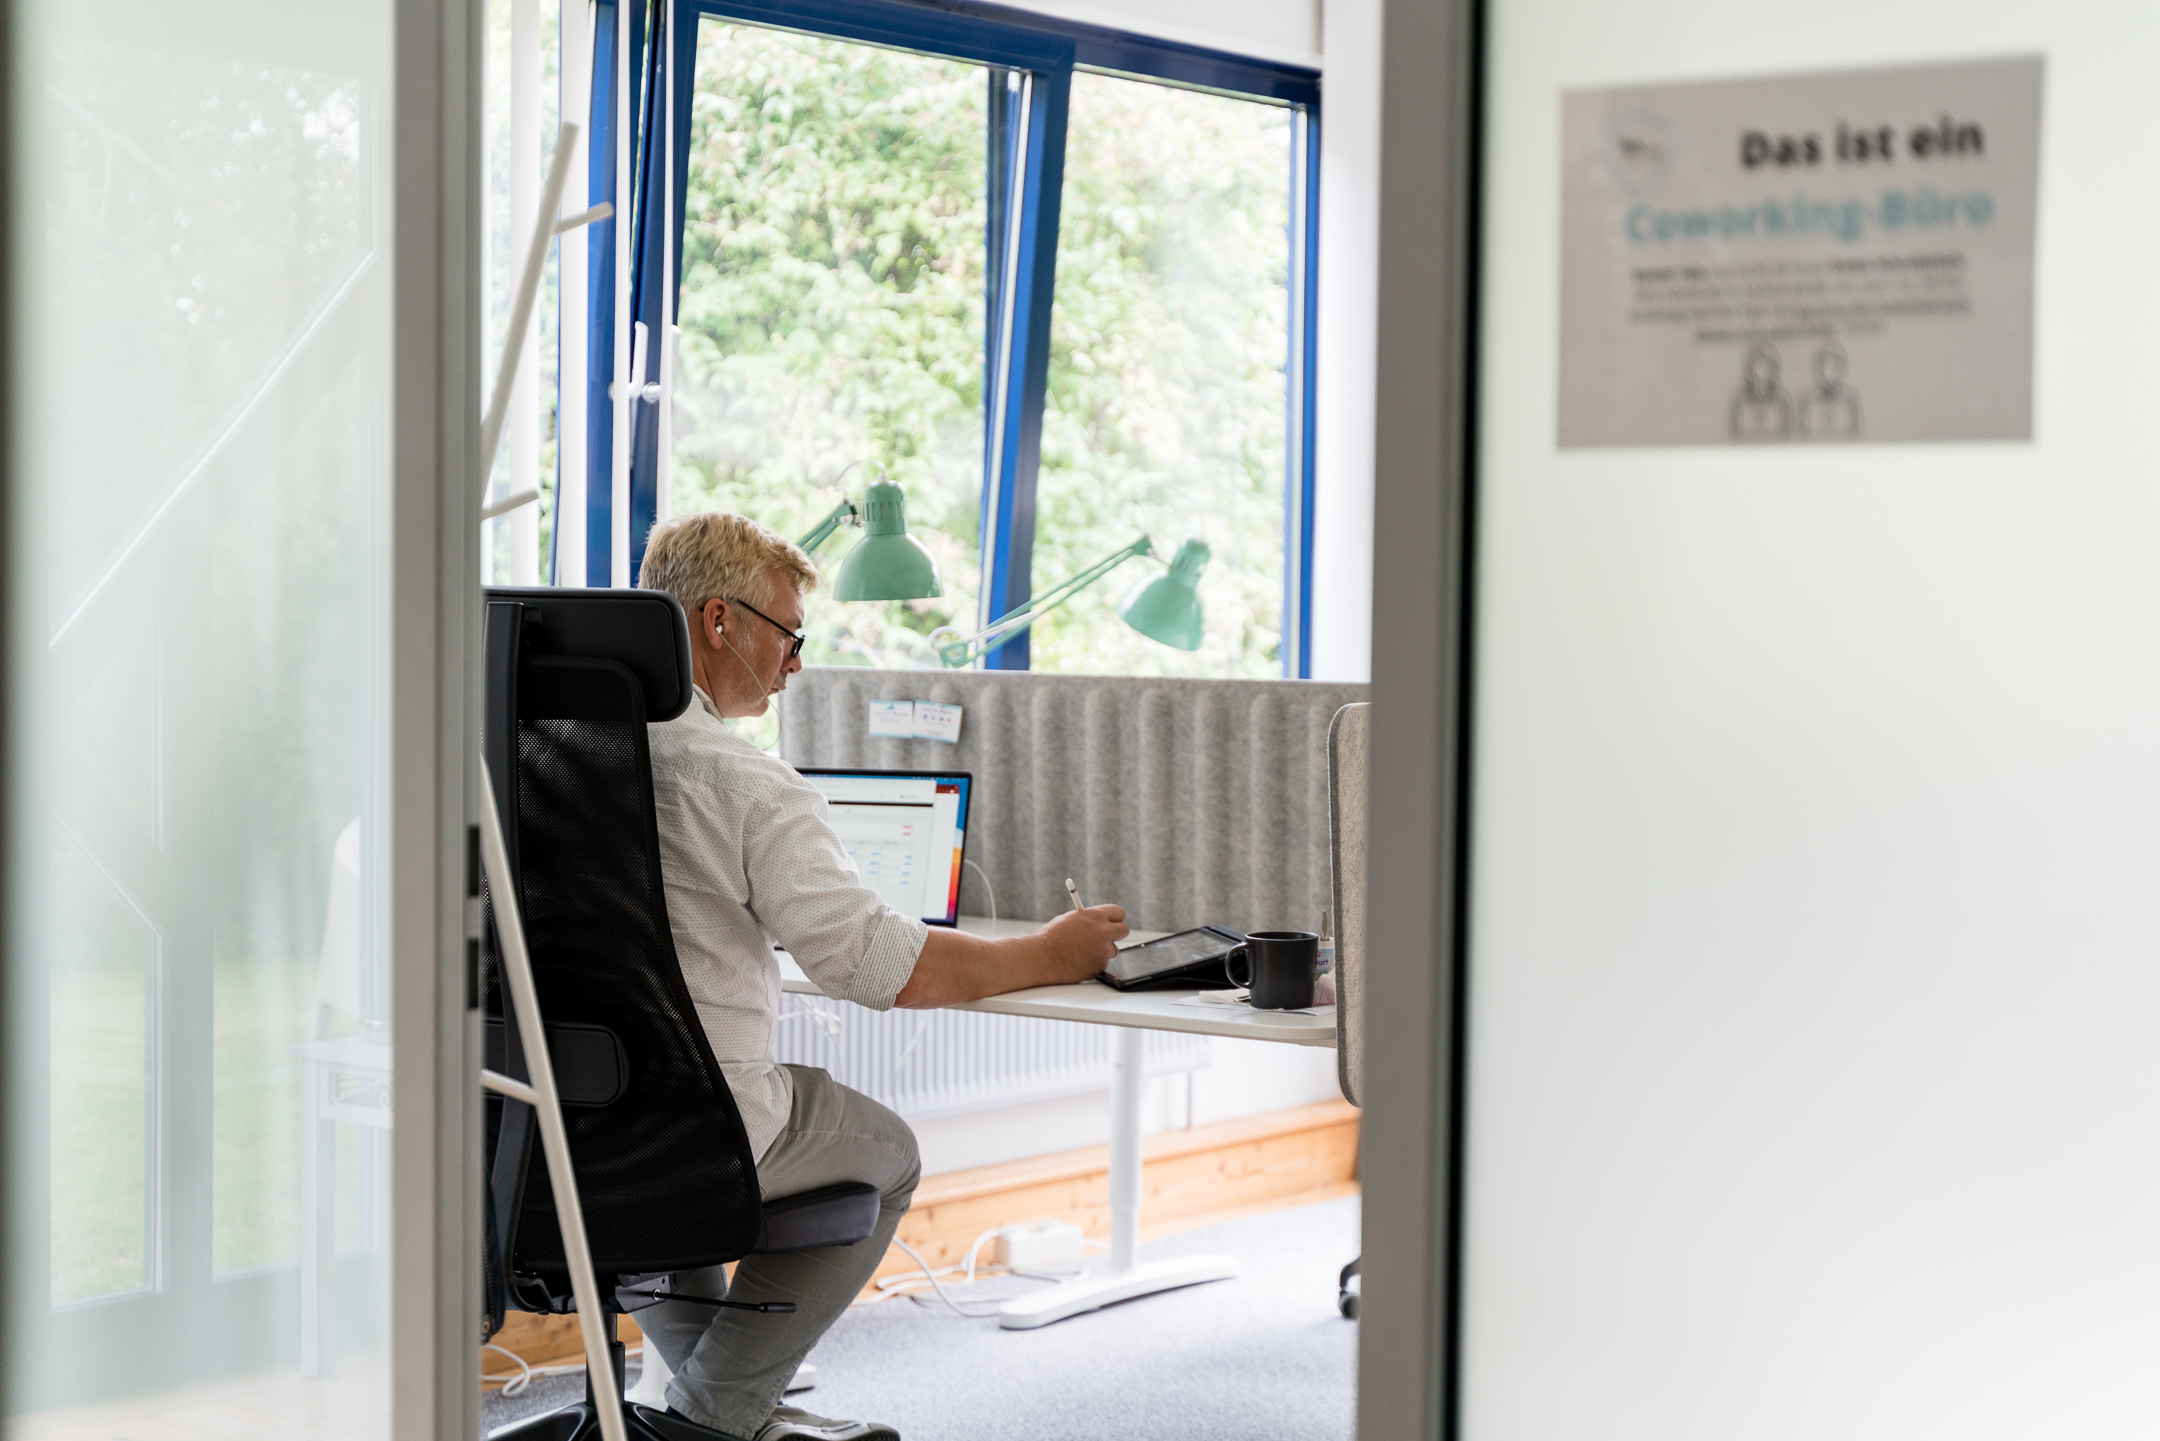 Produktives und fokussiertes Arbeiten im Work Kontor_Coworking-Space in Ahrensburg